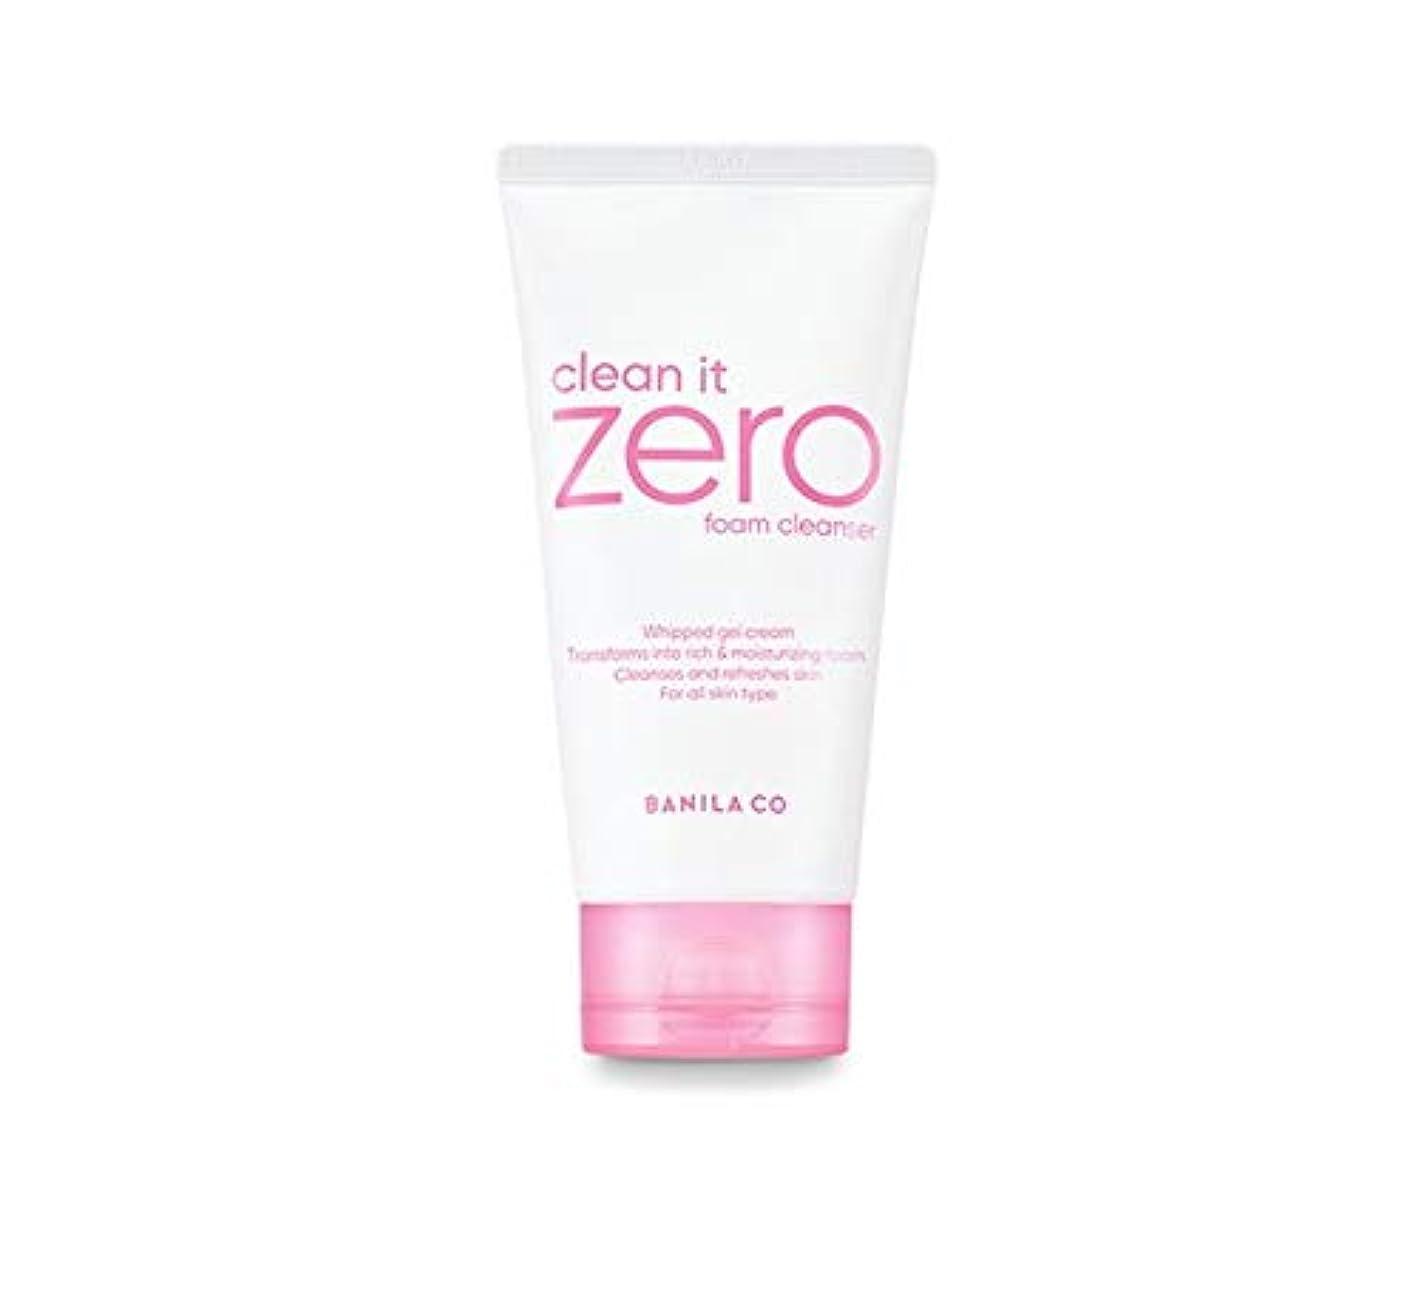 まばたき組立スタッフbanilaco クリーンイットゼロフォームクレンザー/Clean It Zero Foam Cleanser 150ml [並行輸入品]